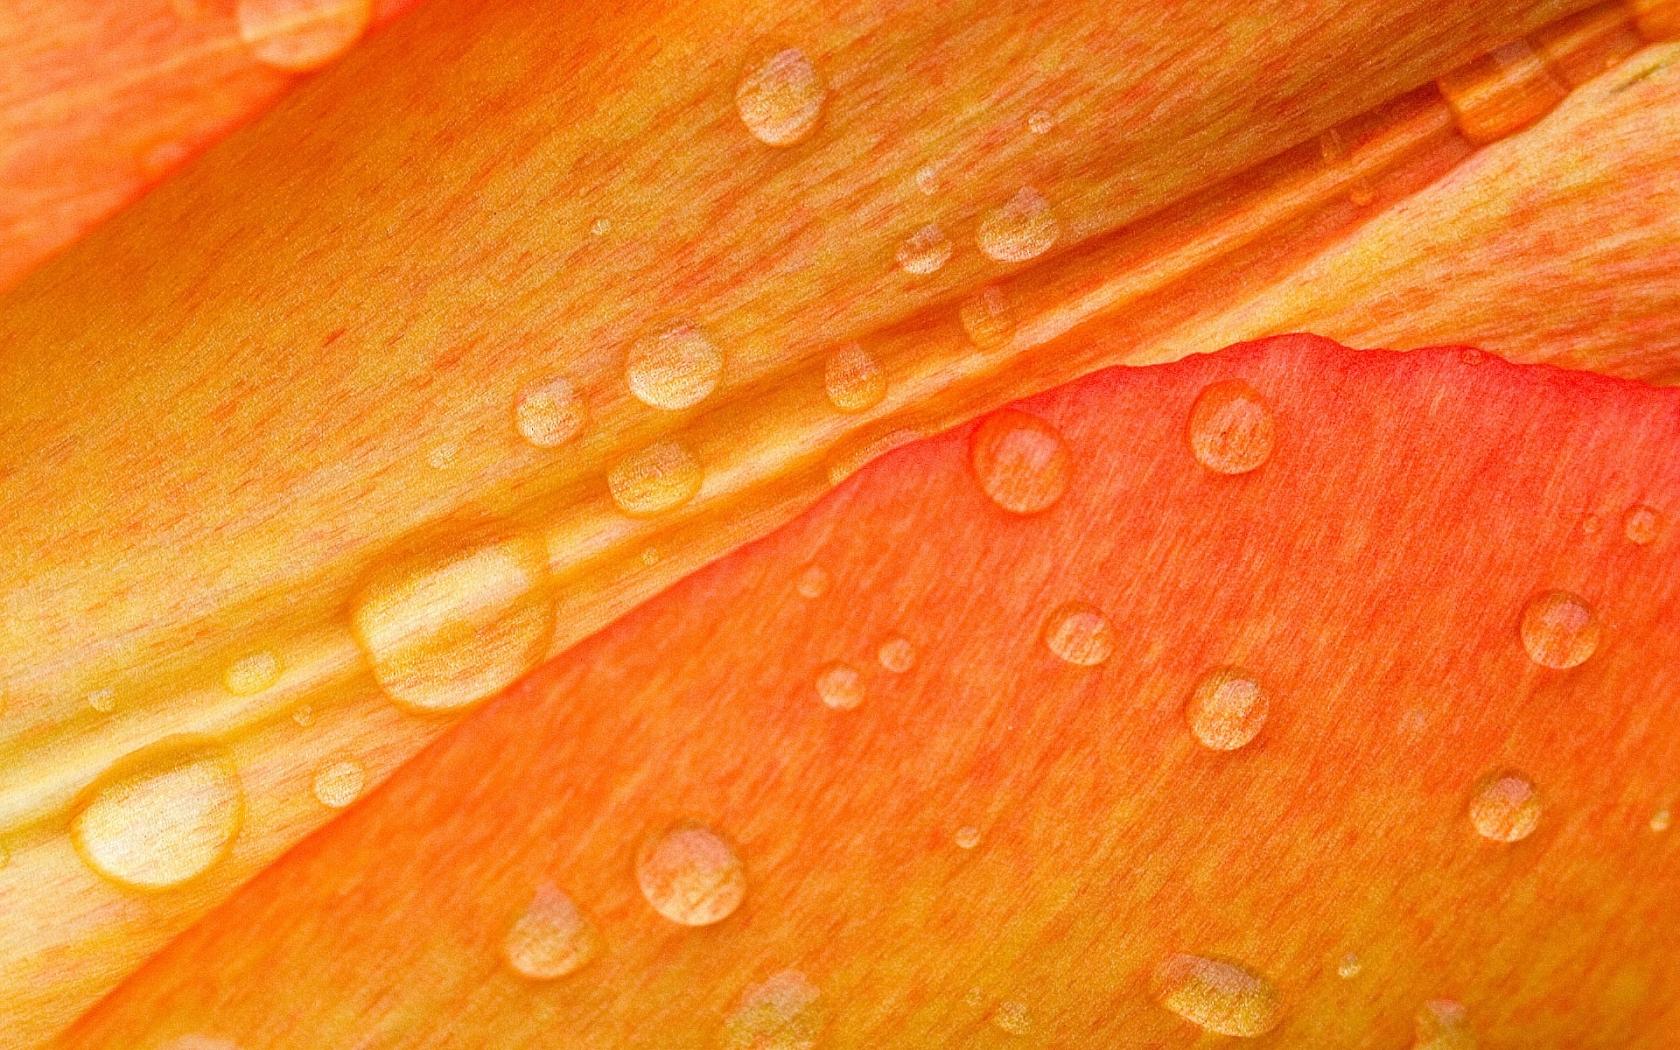 Textura naranja - 1680x1050